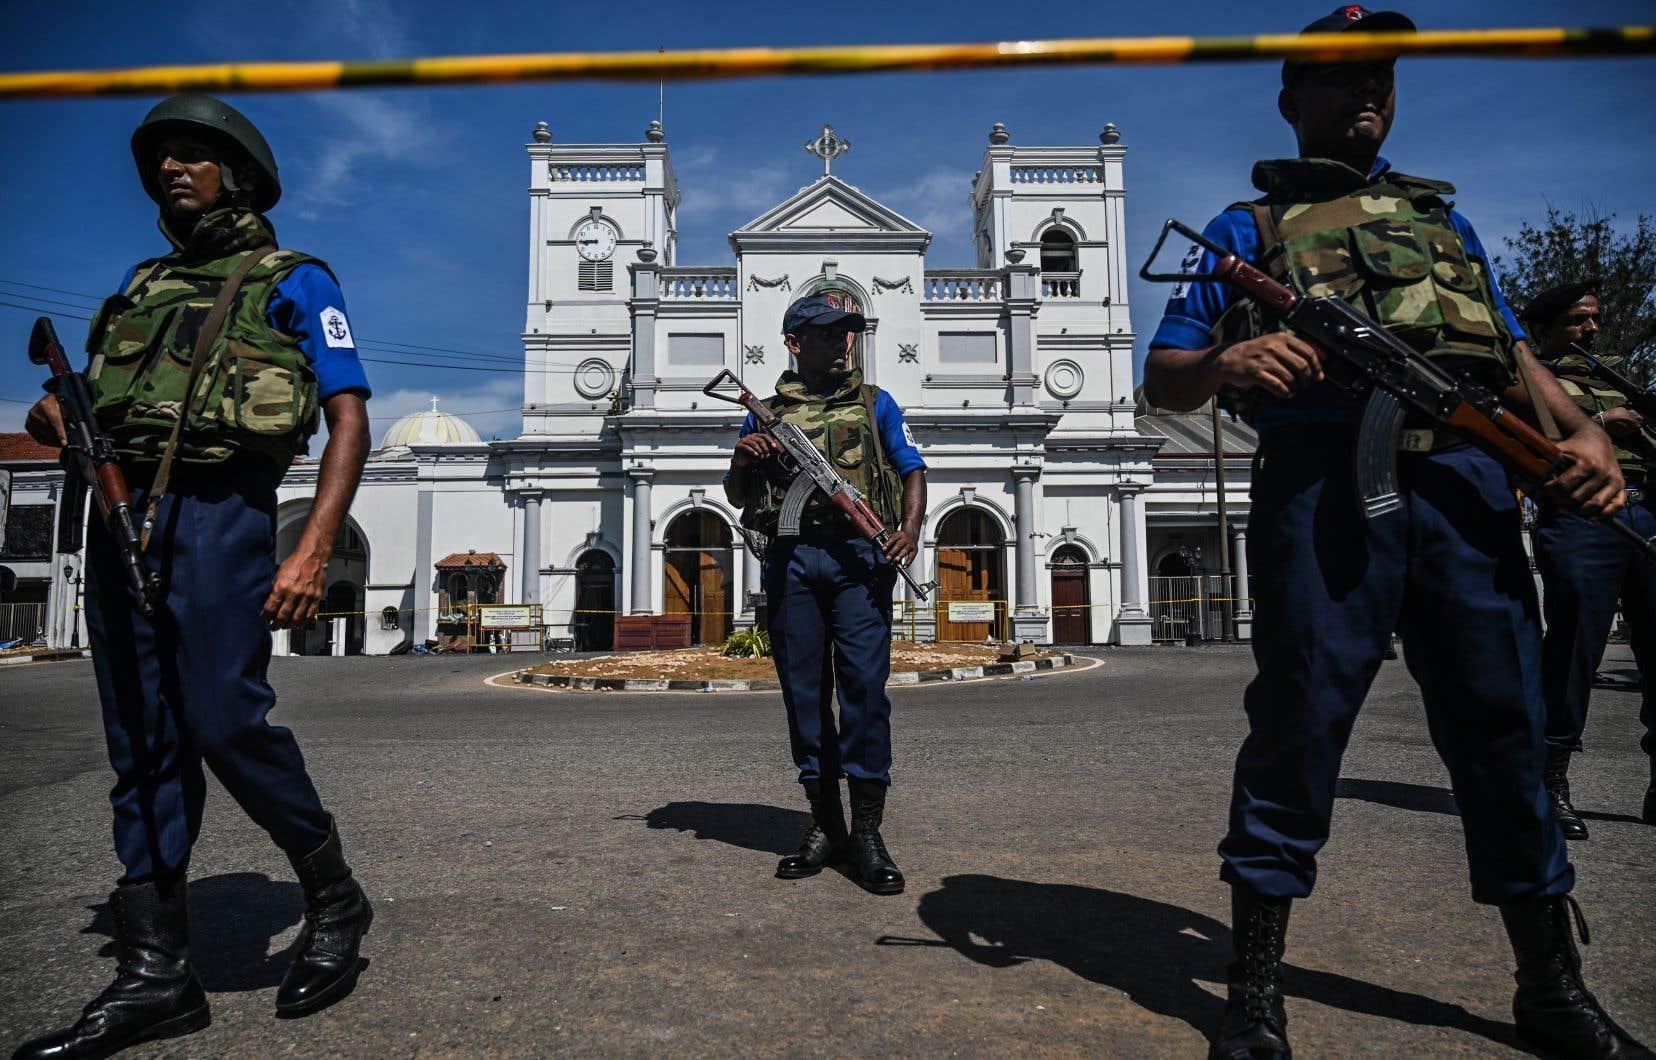 La gestion des autorités dans les jours ayant précédé ces attentats-suicides, revendiqués par le groupe État islamique, fait l'objet de critiques grandissantes.